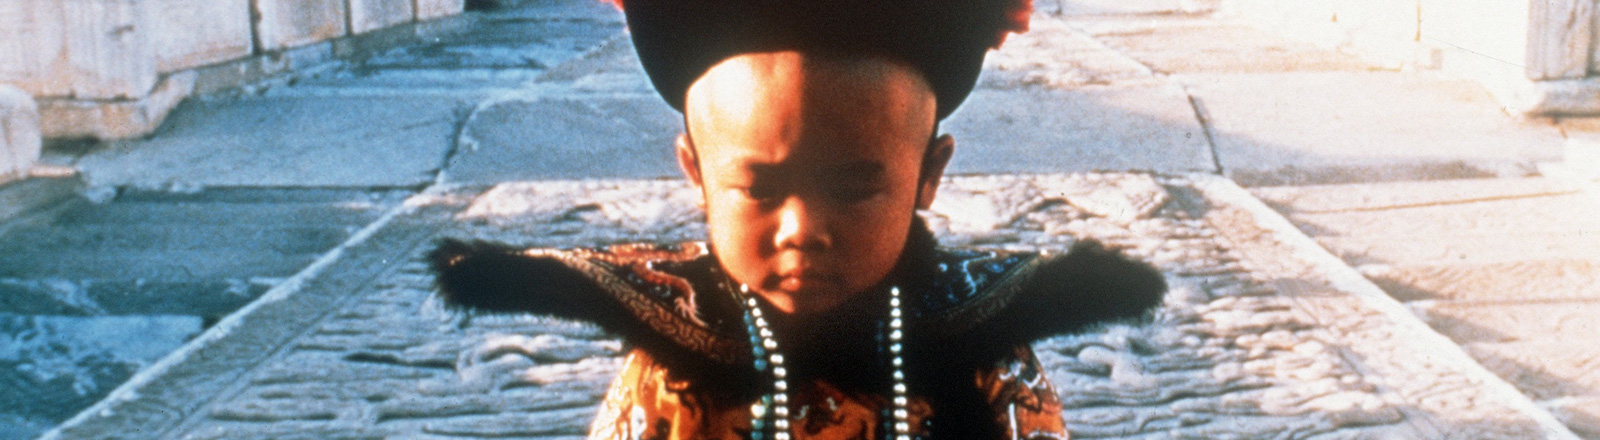 """Filmszene aus """"Der letzte Kaiser"""", zeigt einen kleinen jungen in festlicher Kleidung; Bild: dpa"""